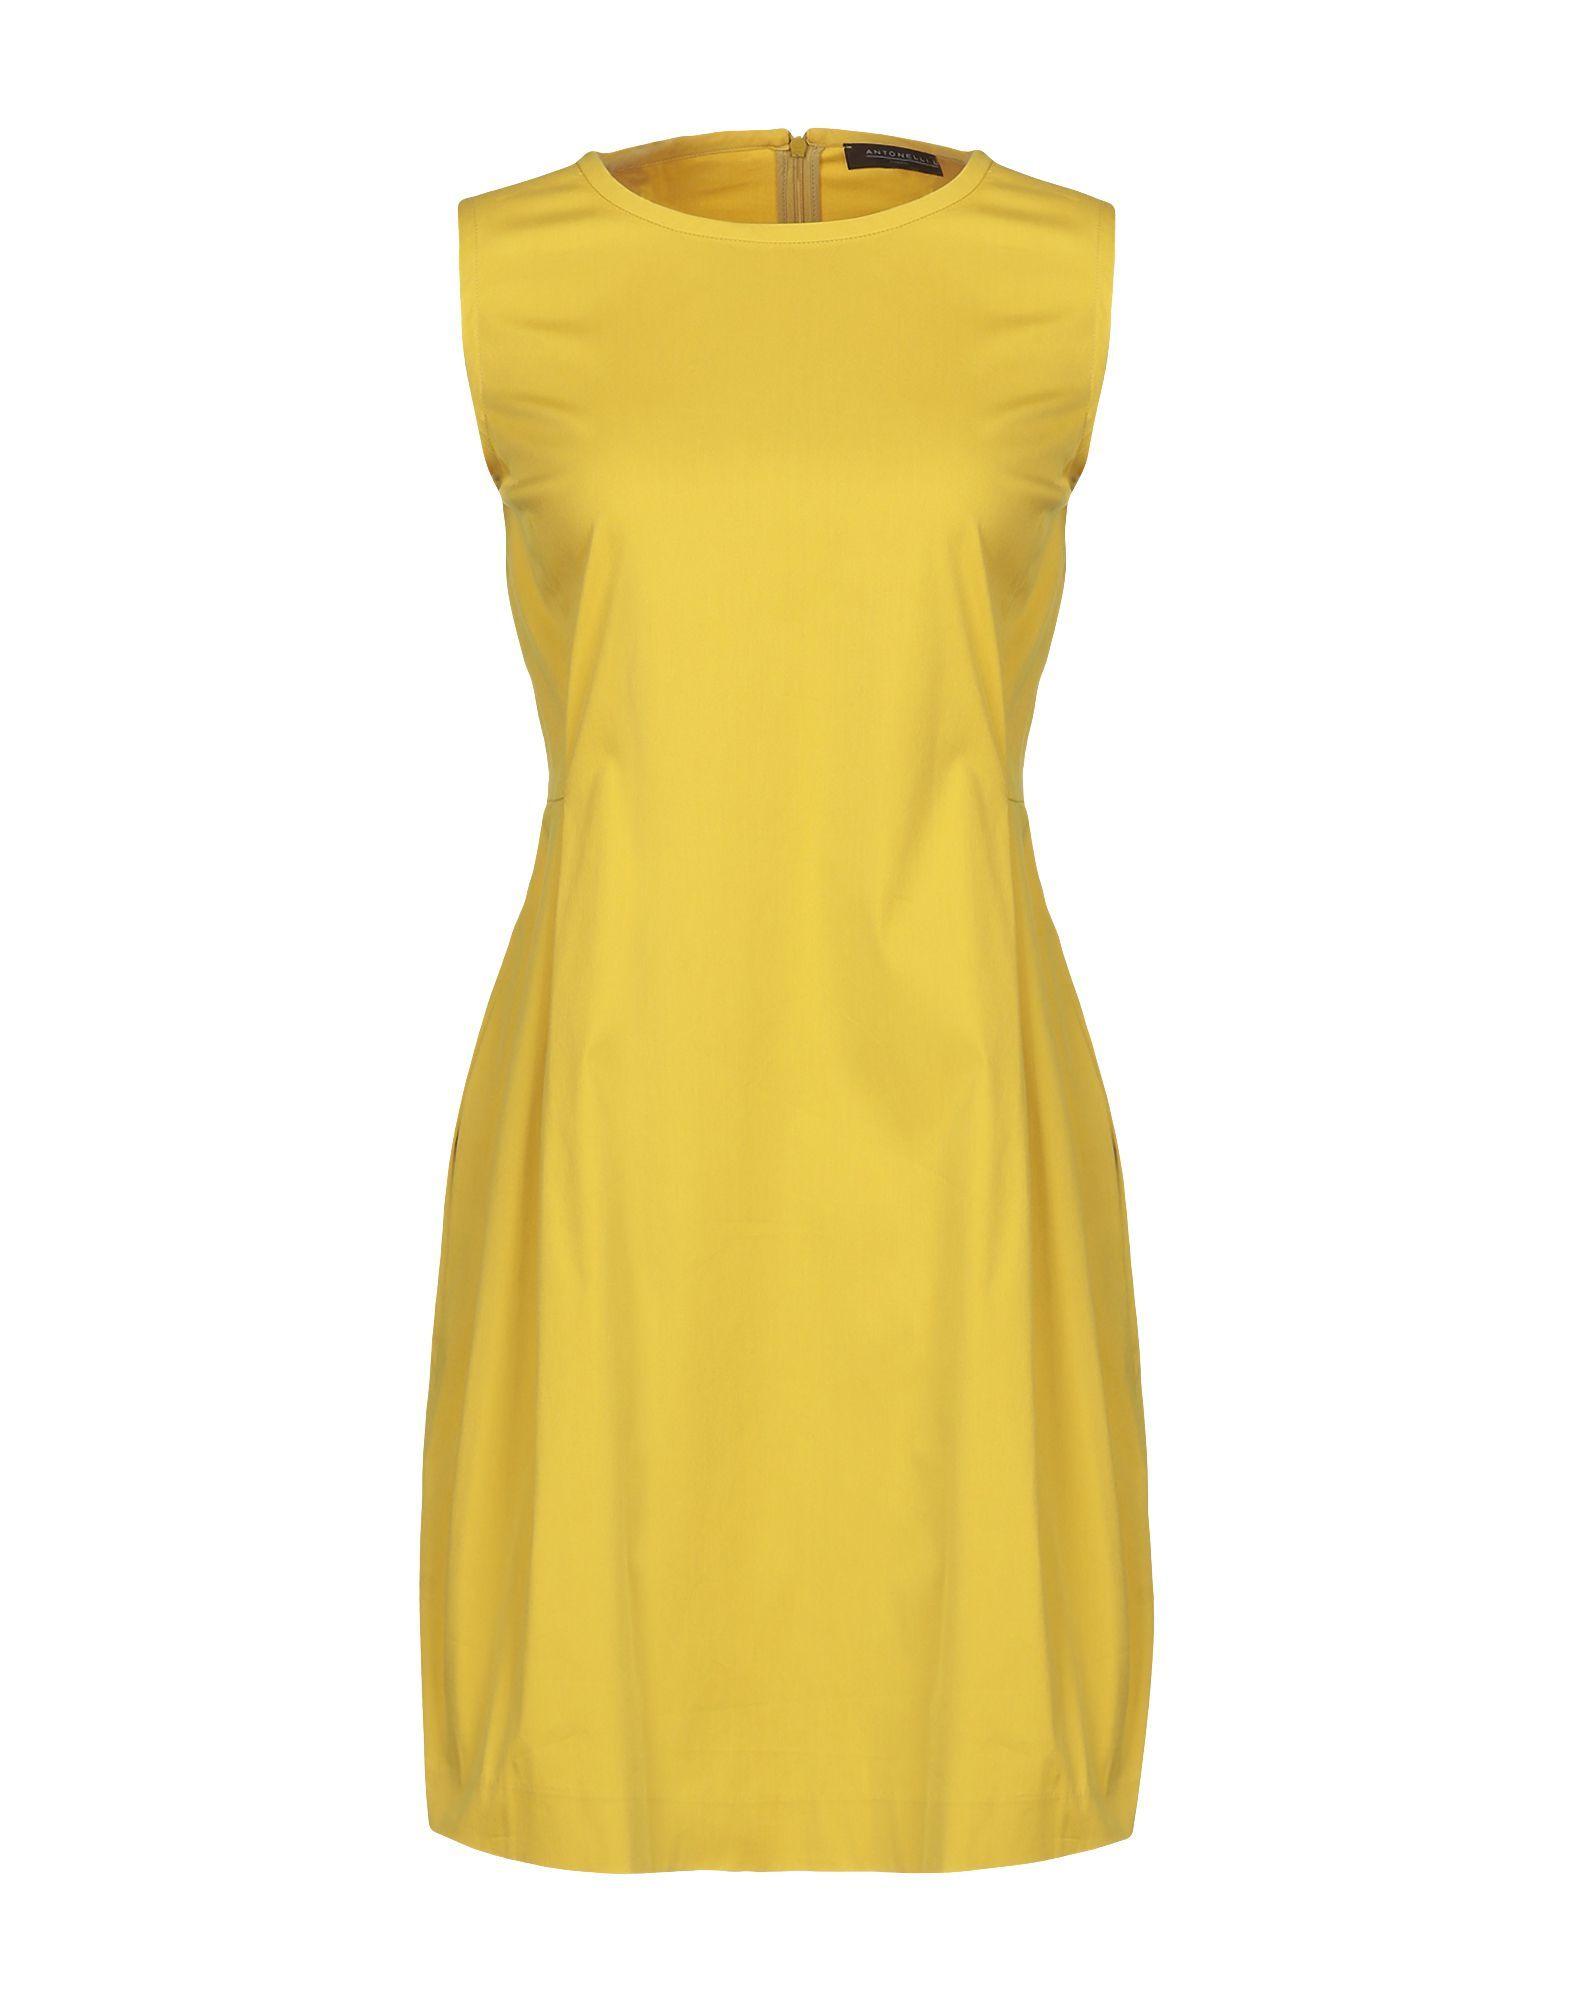 Antonelli Yellow Cotton Dress